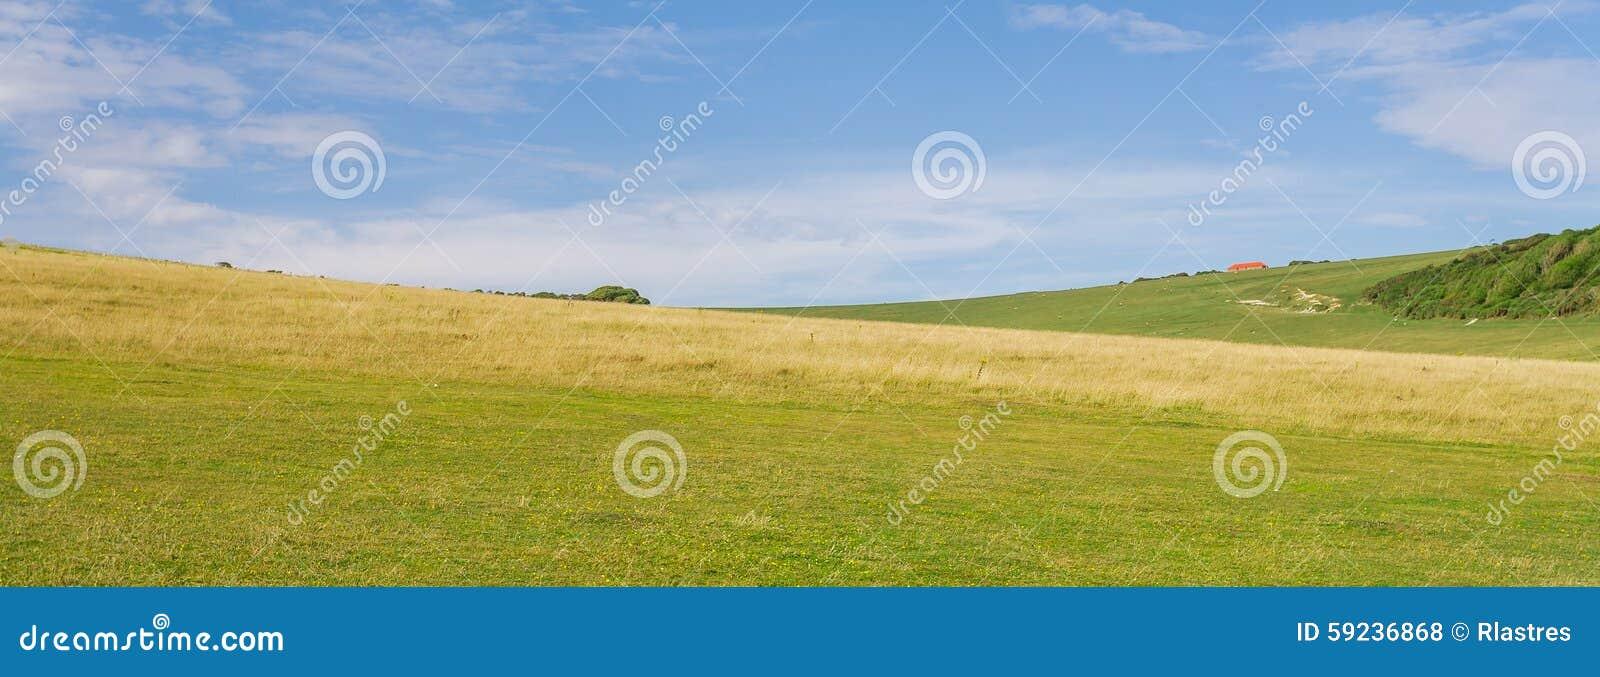 Panorama de un valle verde del campo inglés